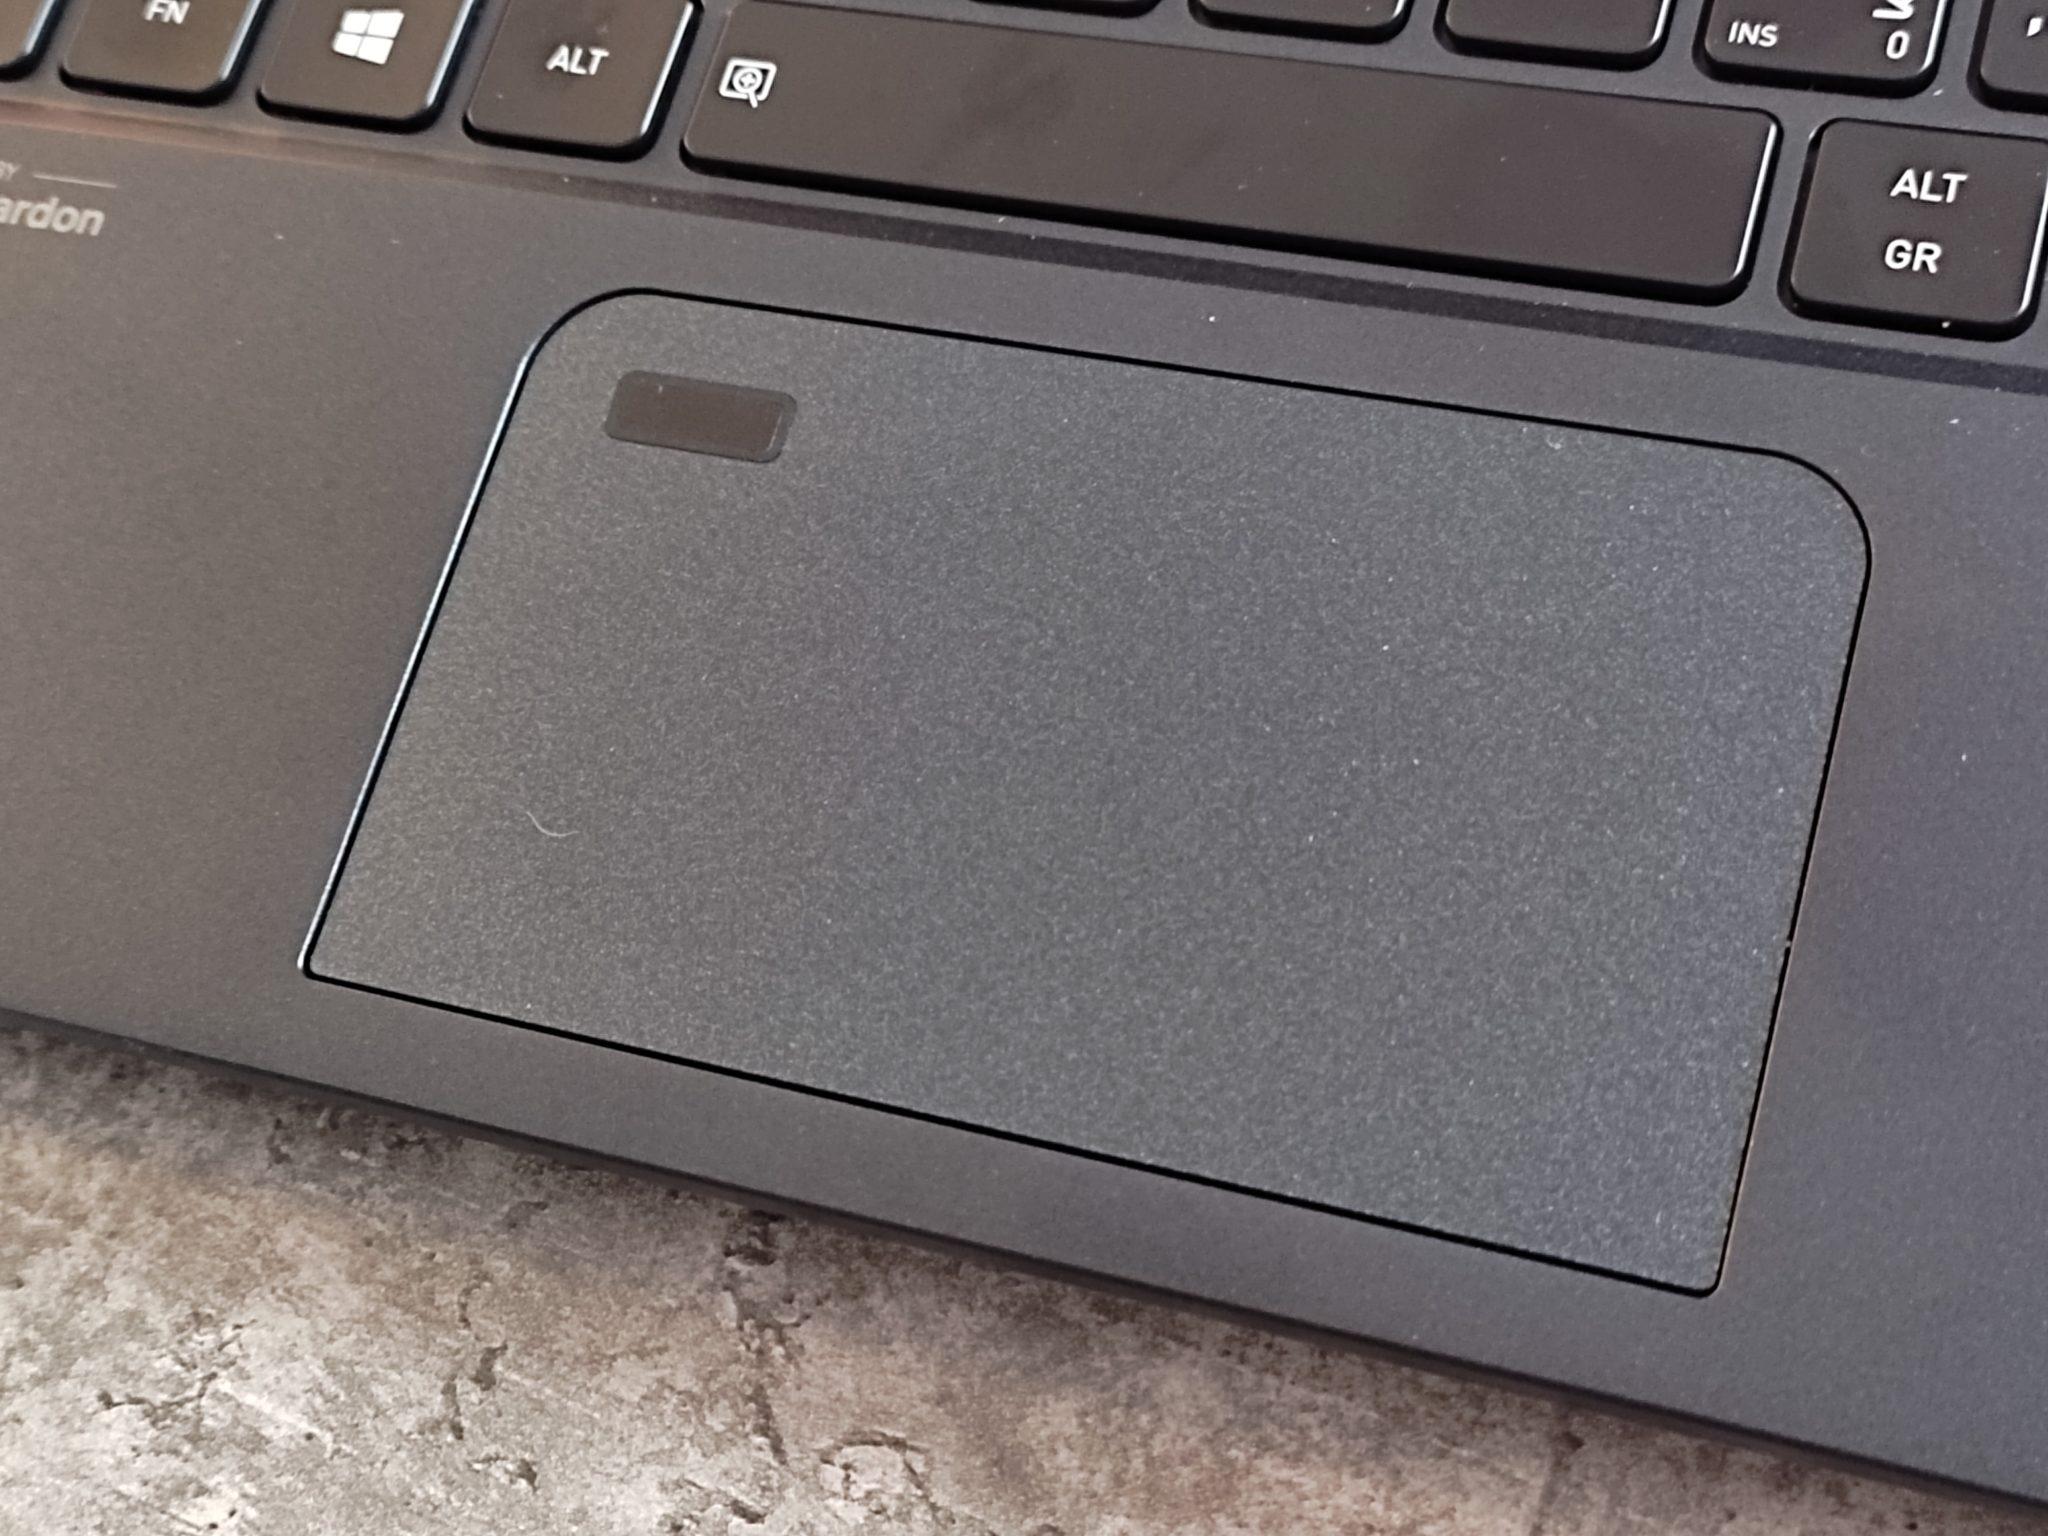 משטח מגע של dynabook Portege X30